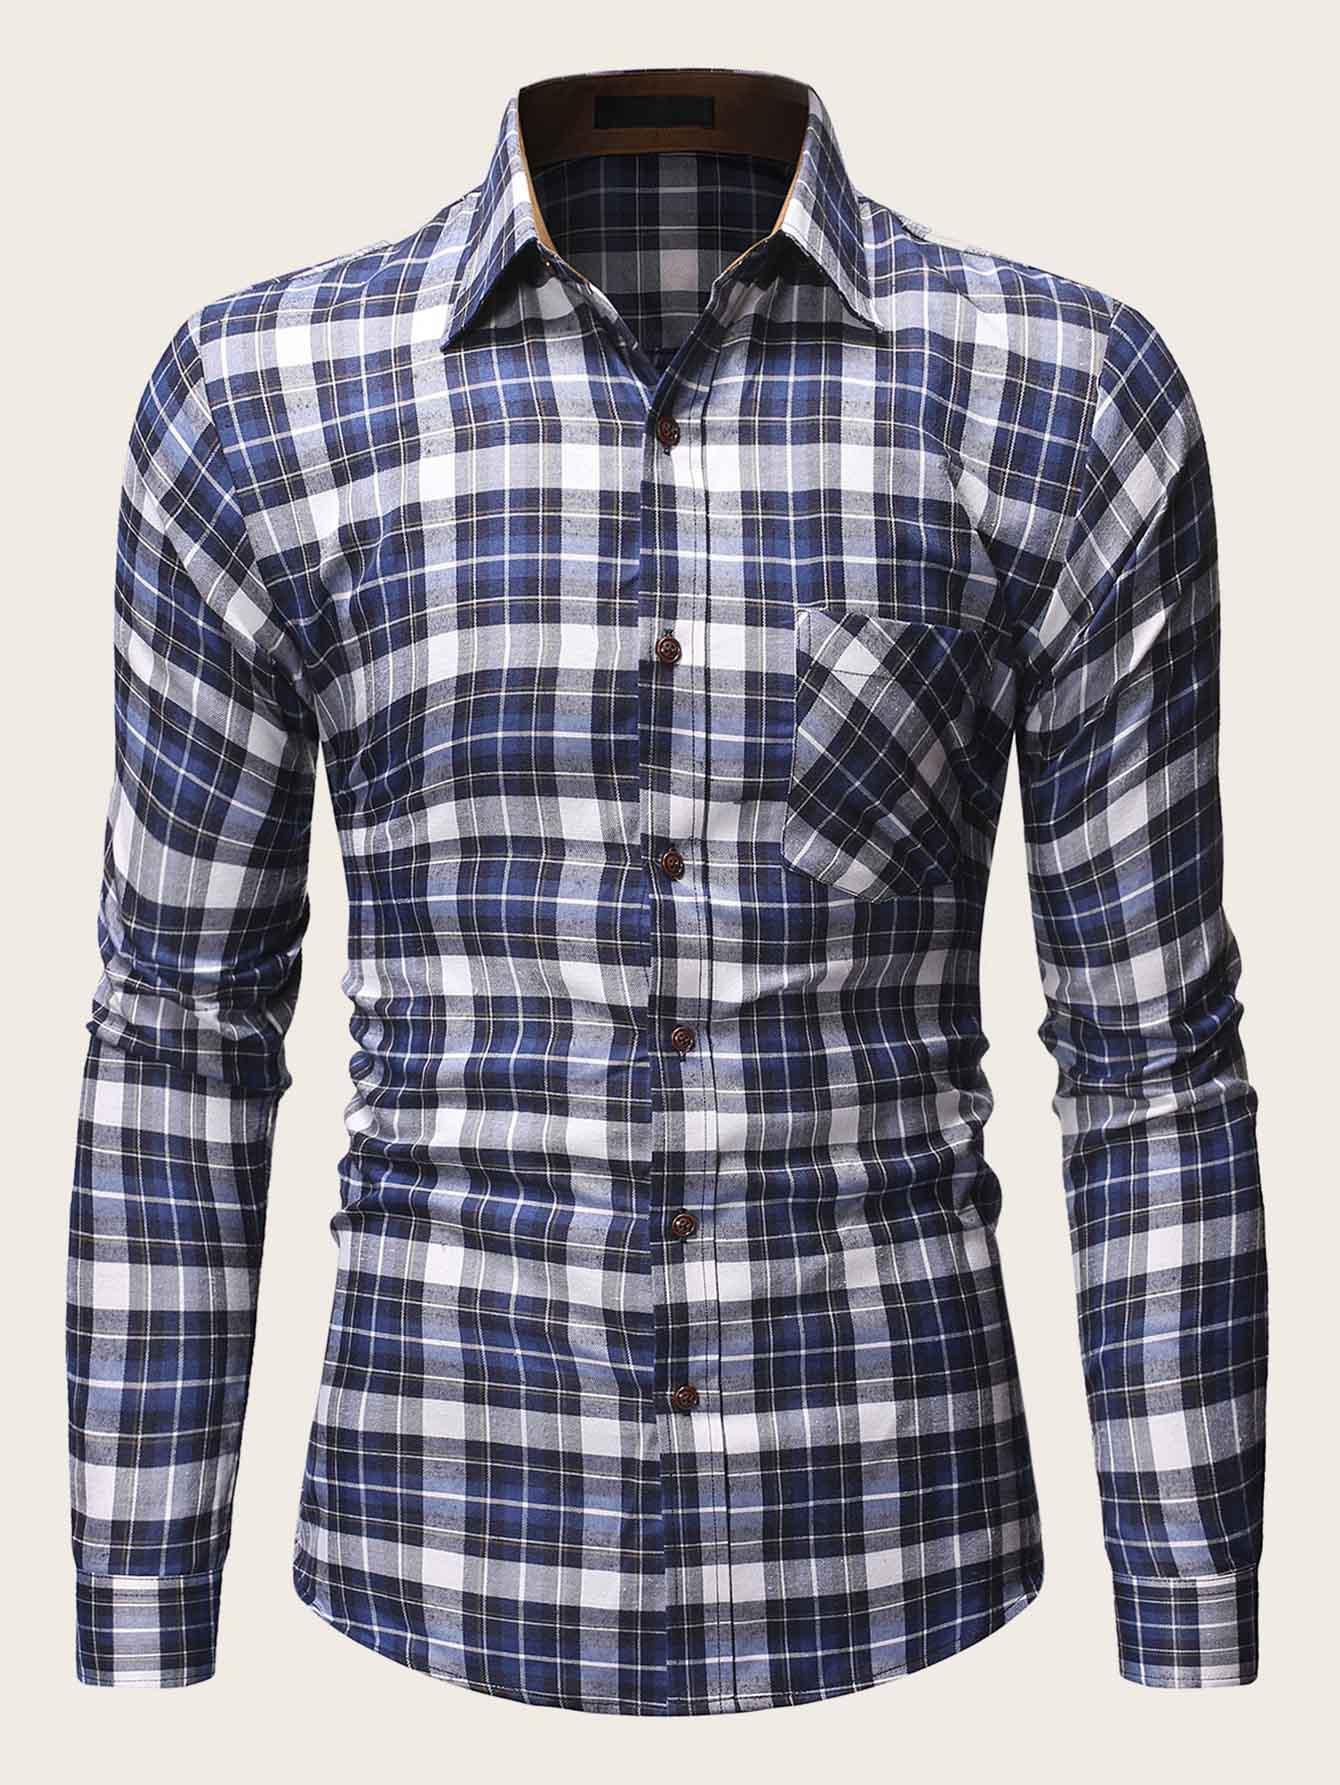 Фото - Мужская рубашка с карманом в клетку от SheIn синего цвета